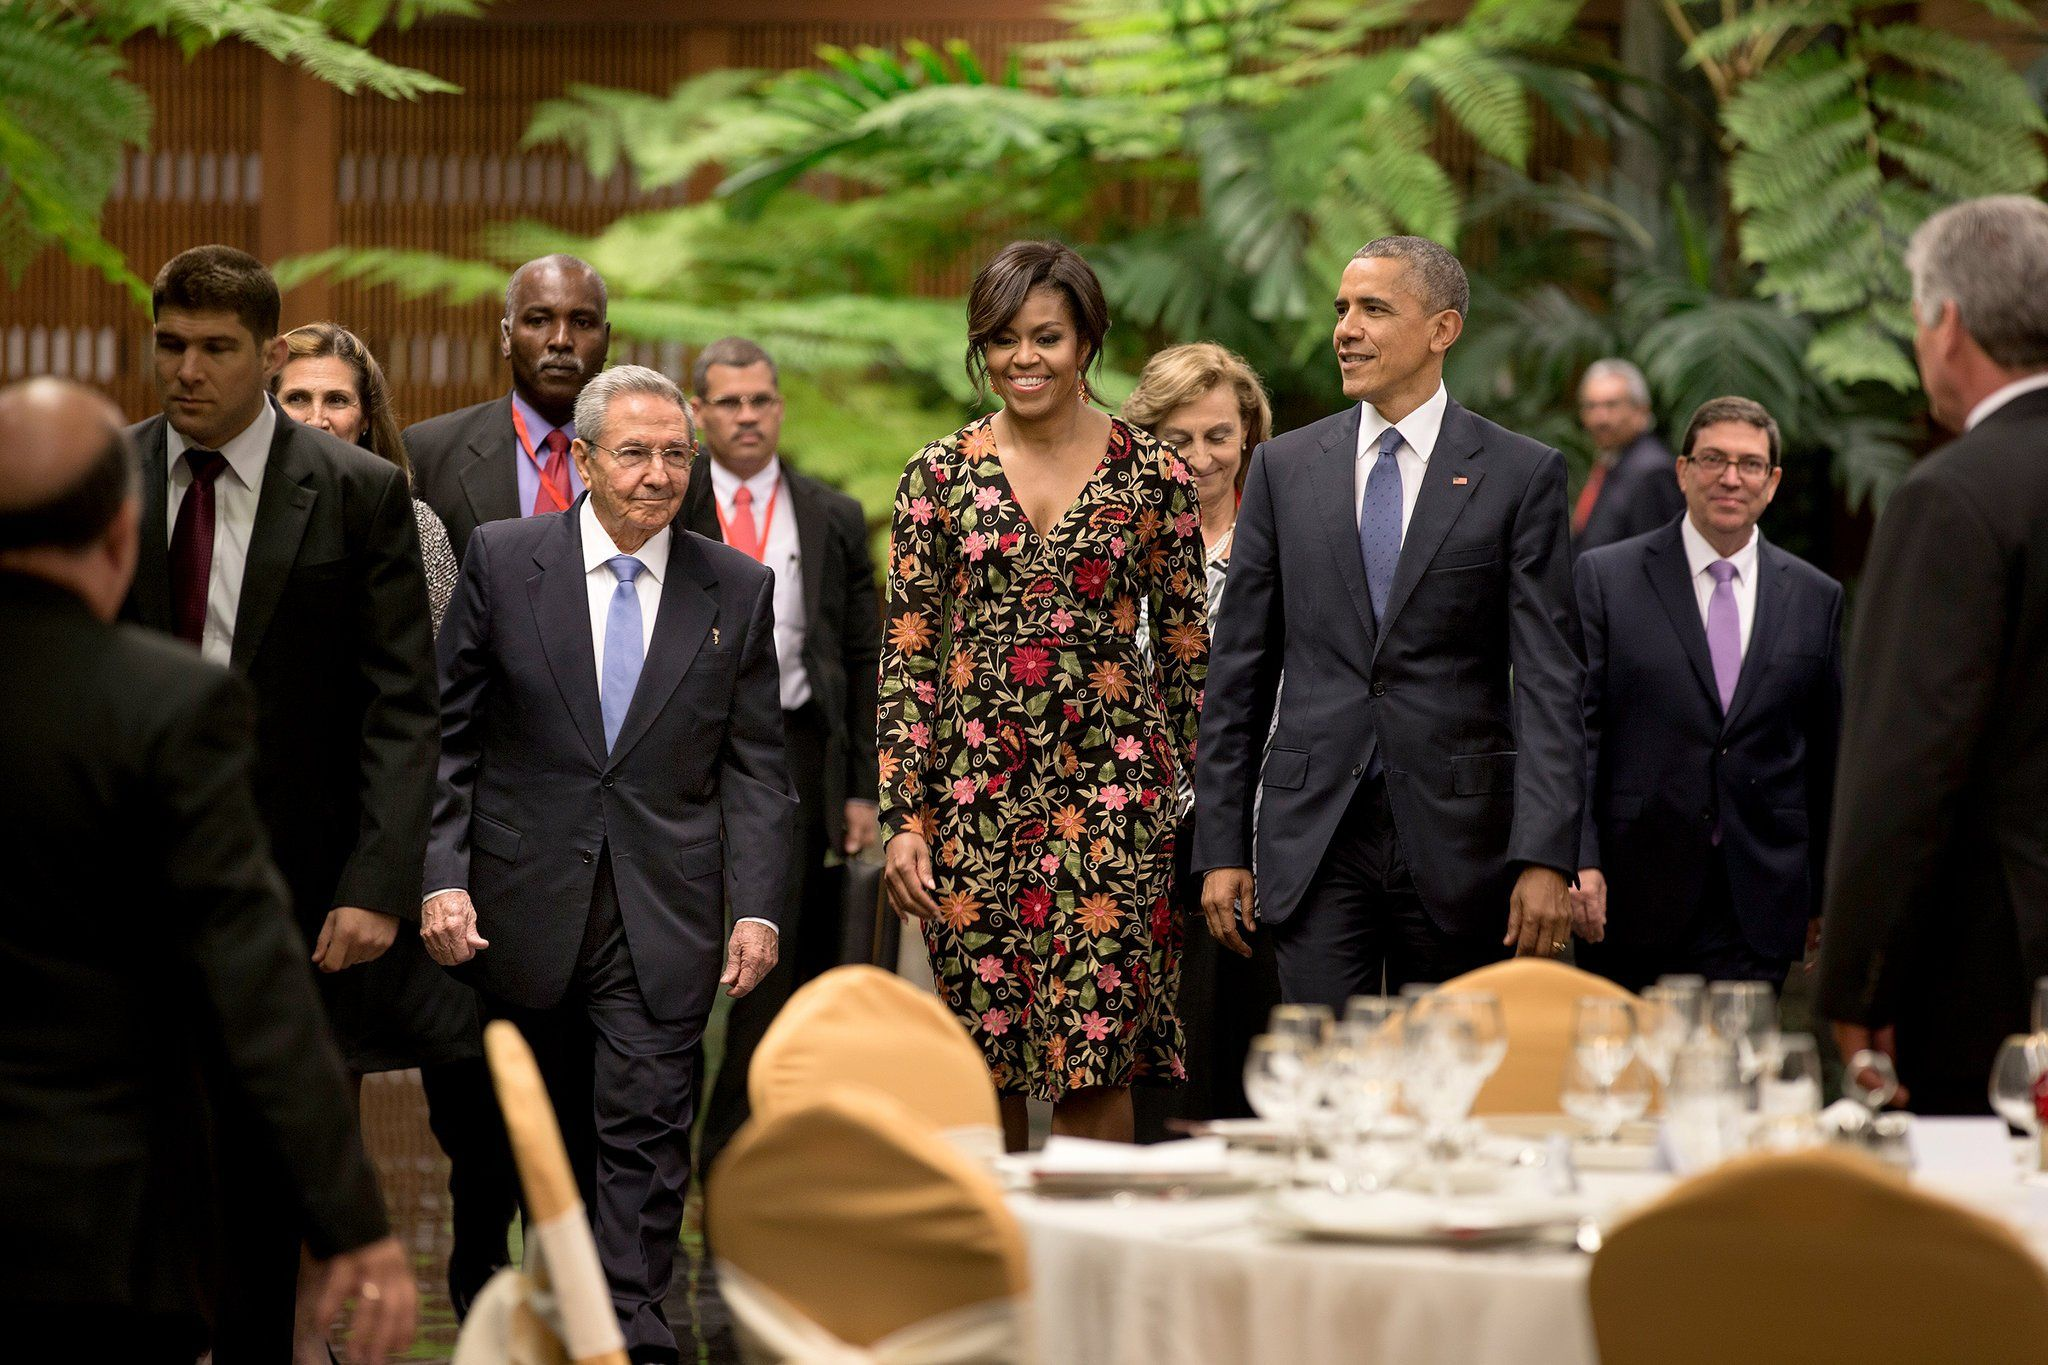 21. Michelle Obama